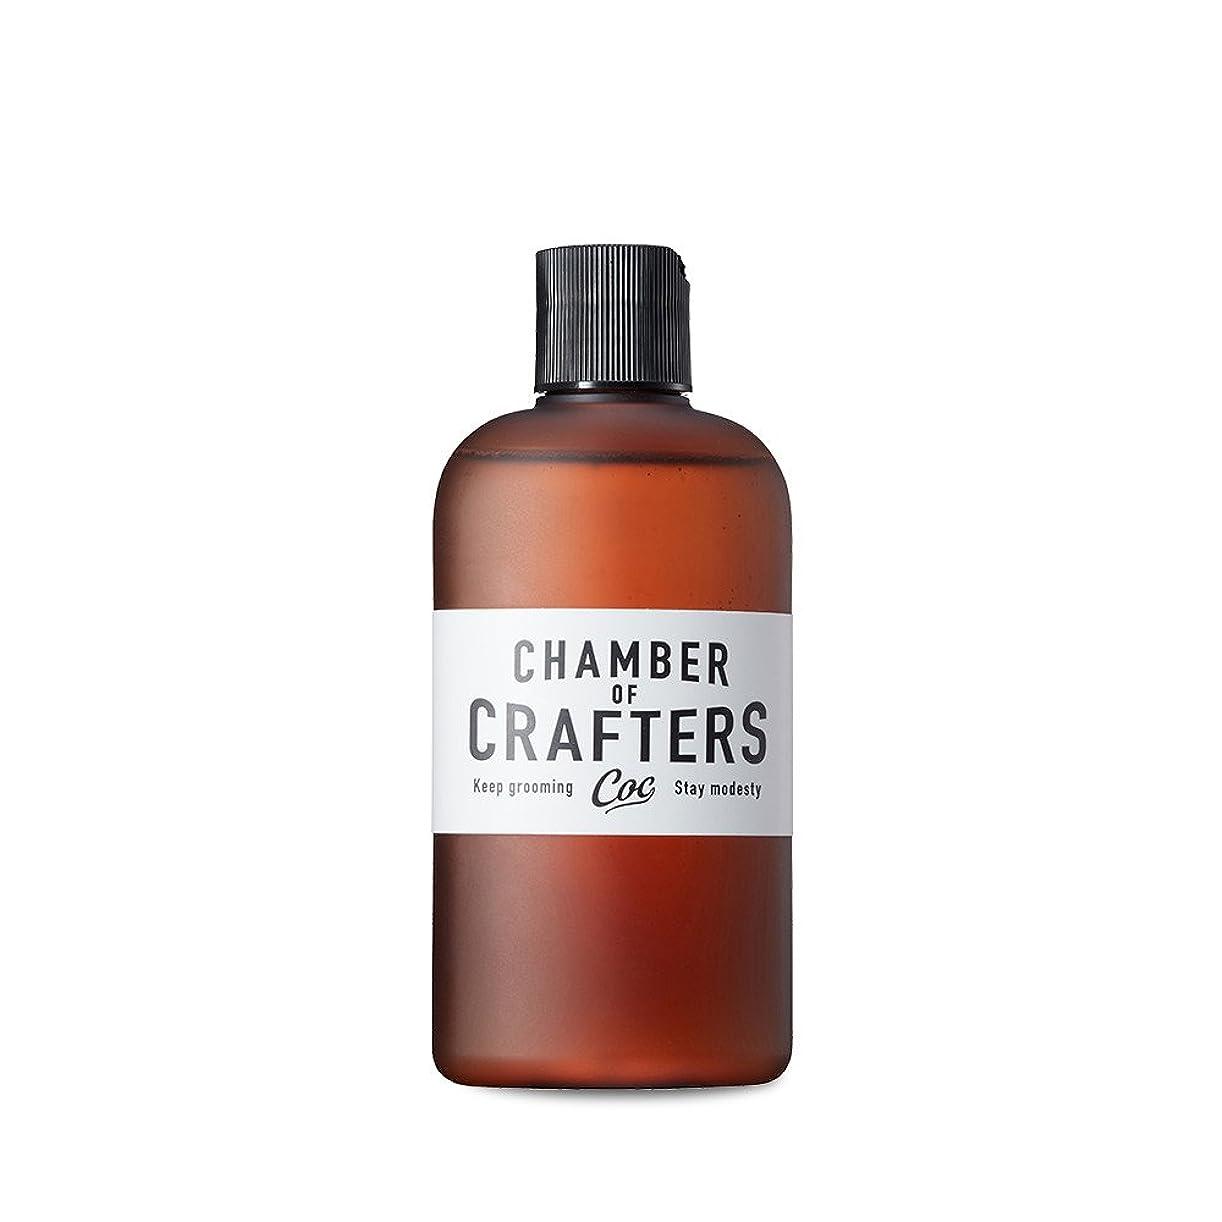 喉が渇いた番号確認CHAMBER OF CRAFTERS チェンバーオブクラフターズ スキンローション 化粧水 180mL